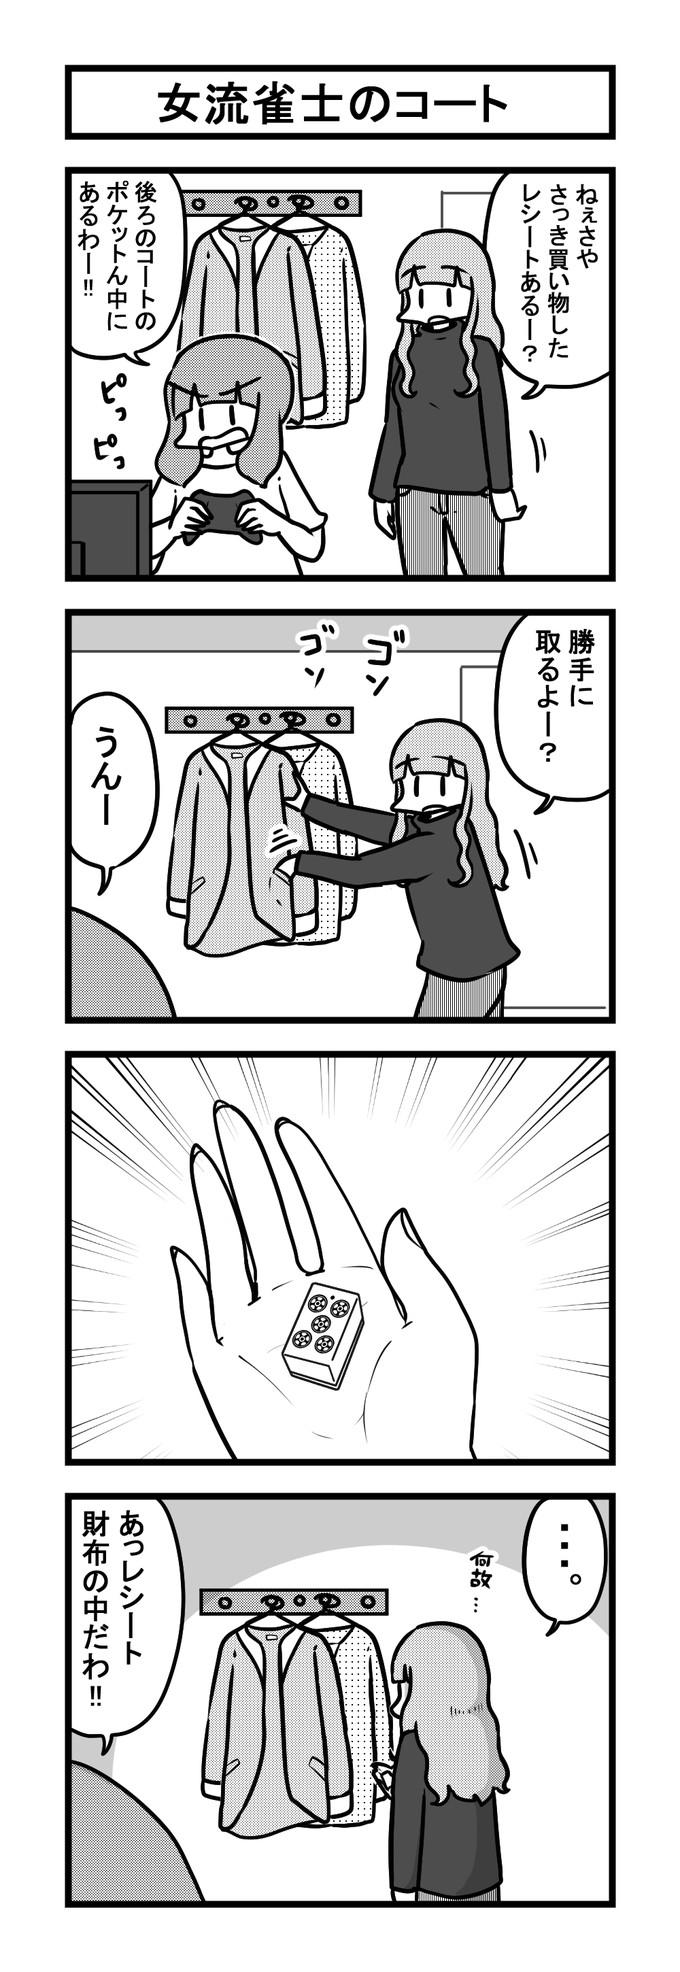 984女流雀士のコート-min